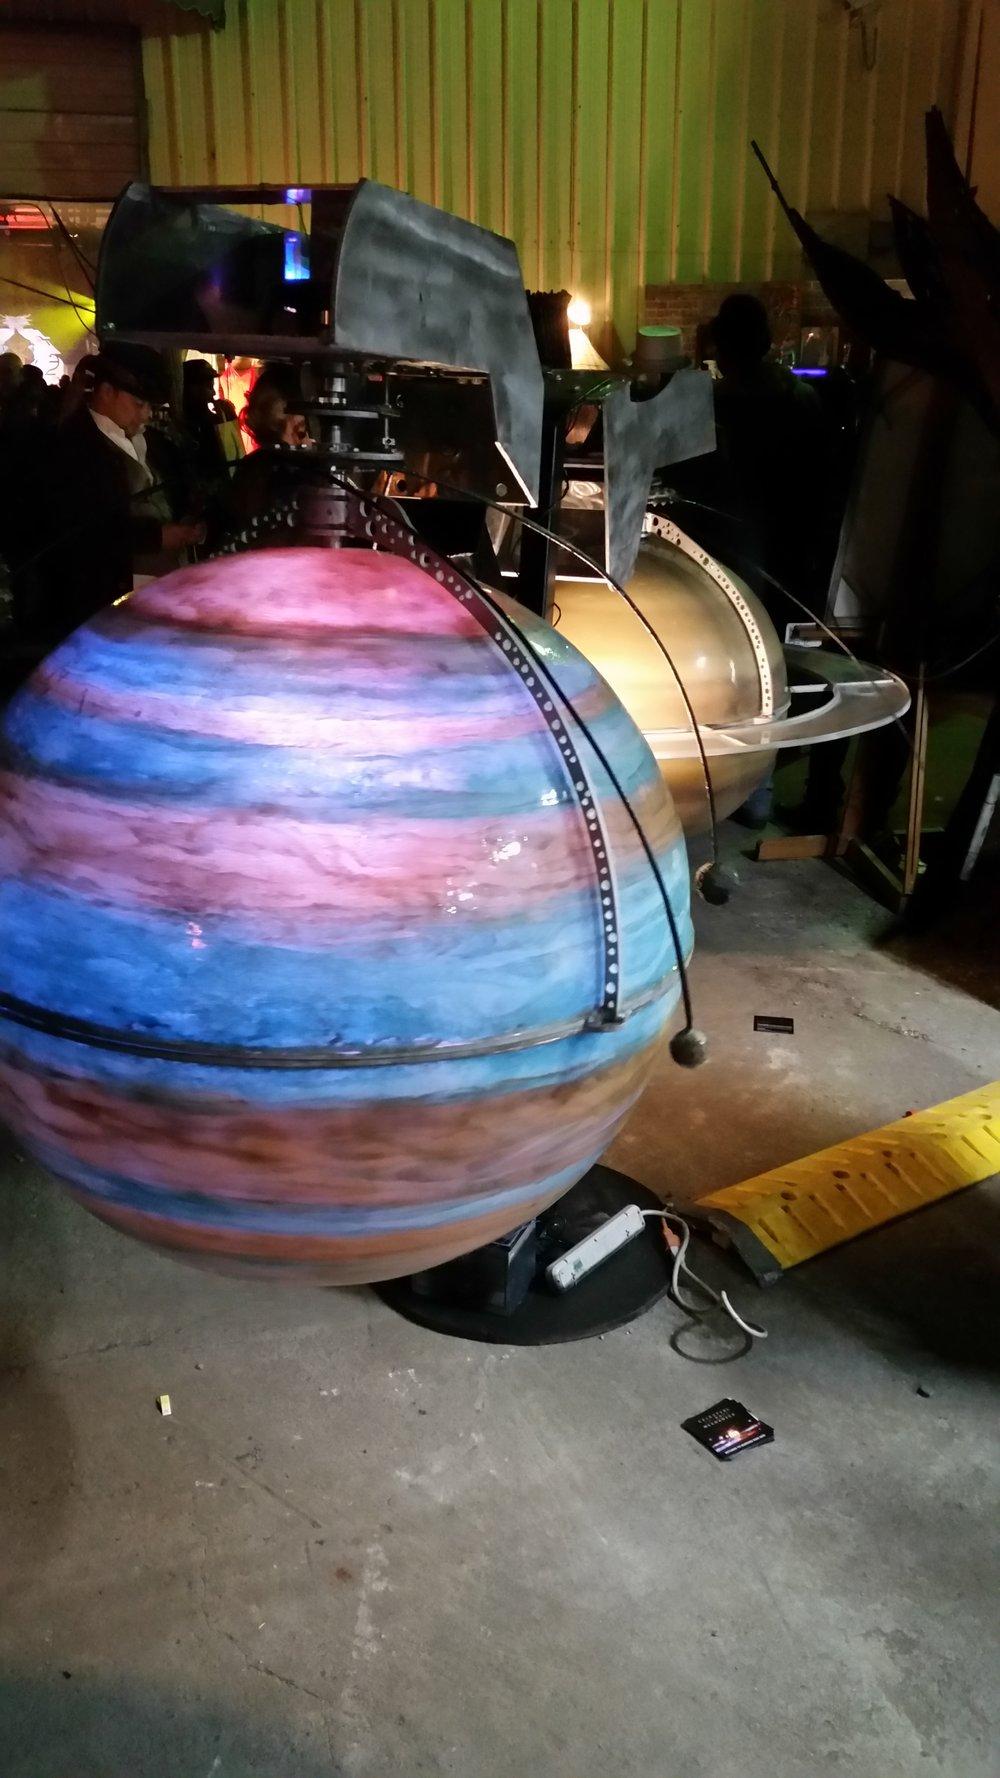 00_BigArt_CelestialMechanica_JupiterSaturnAtAirpusher.jpg